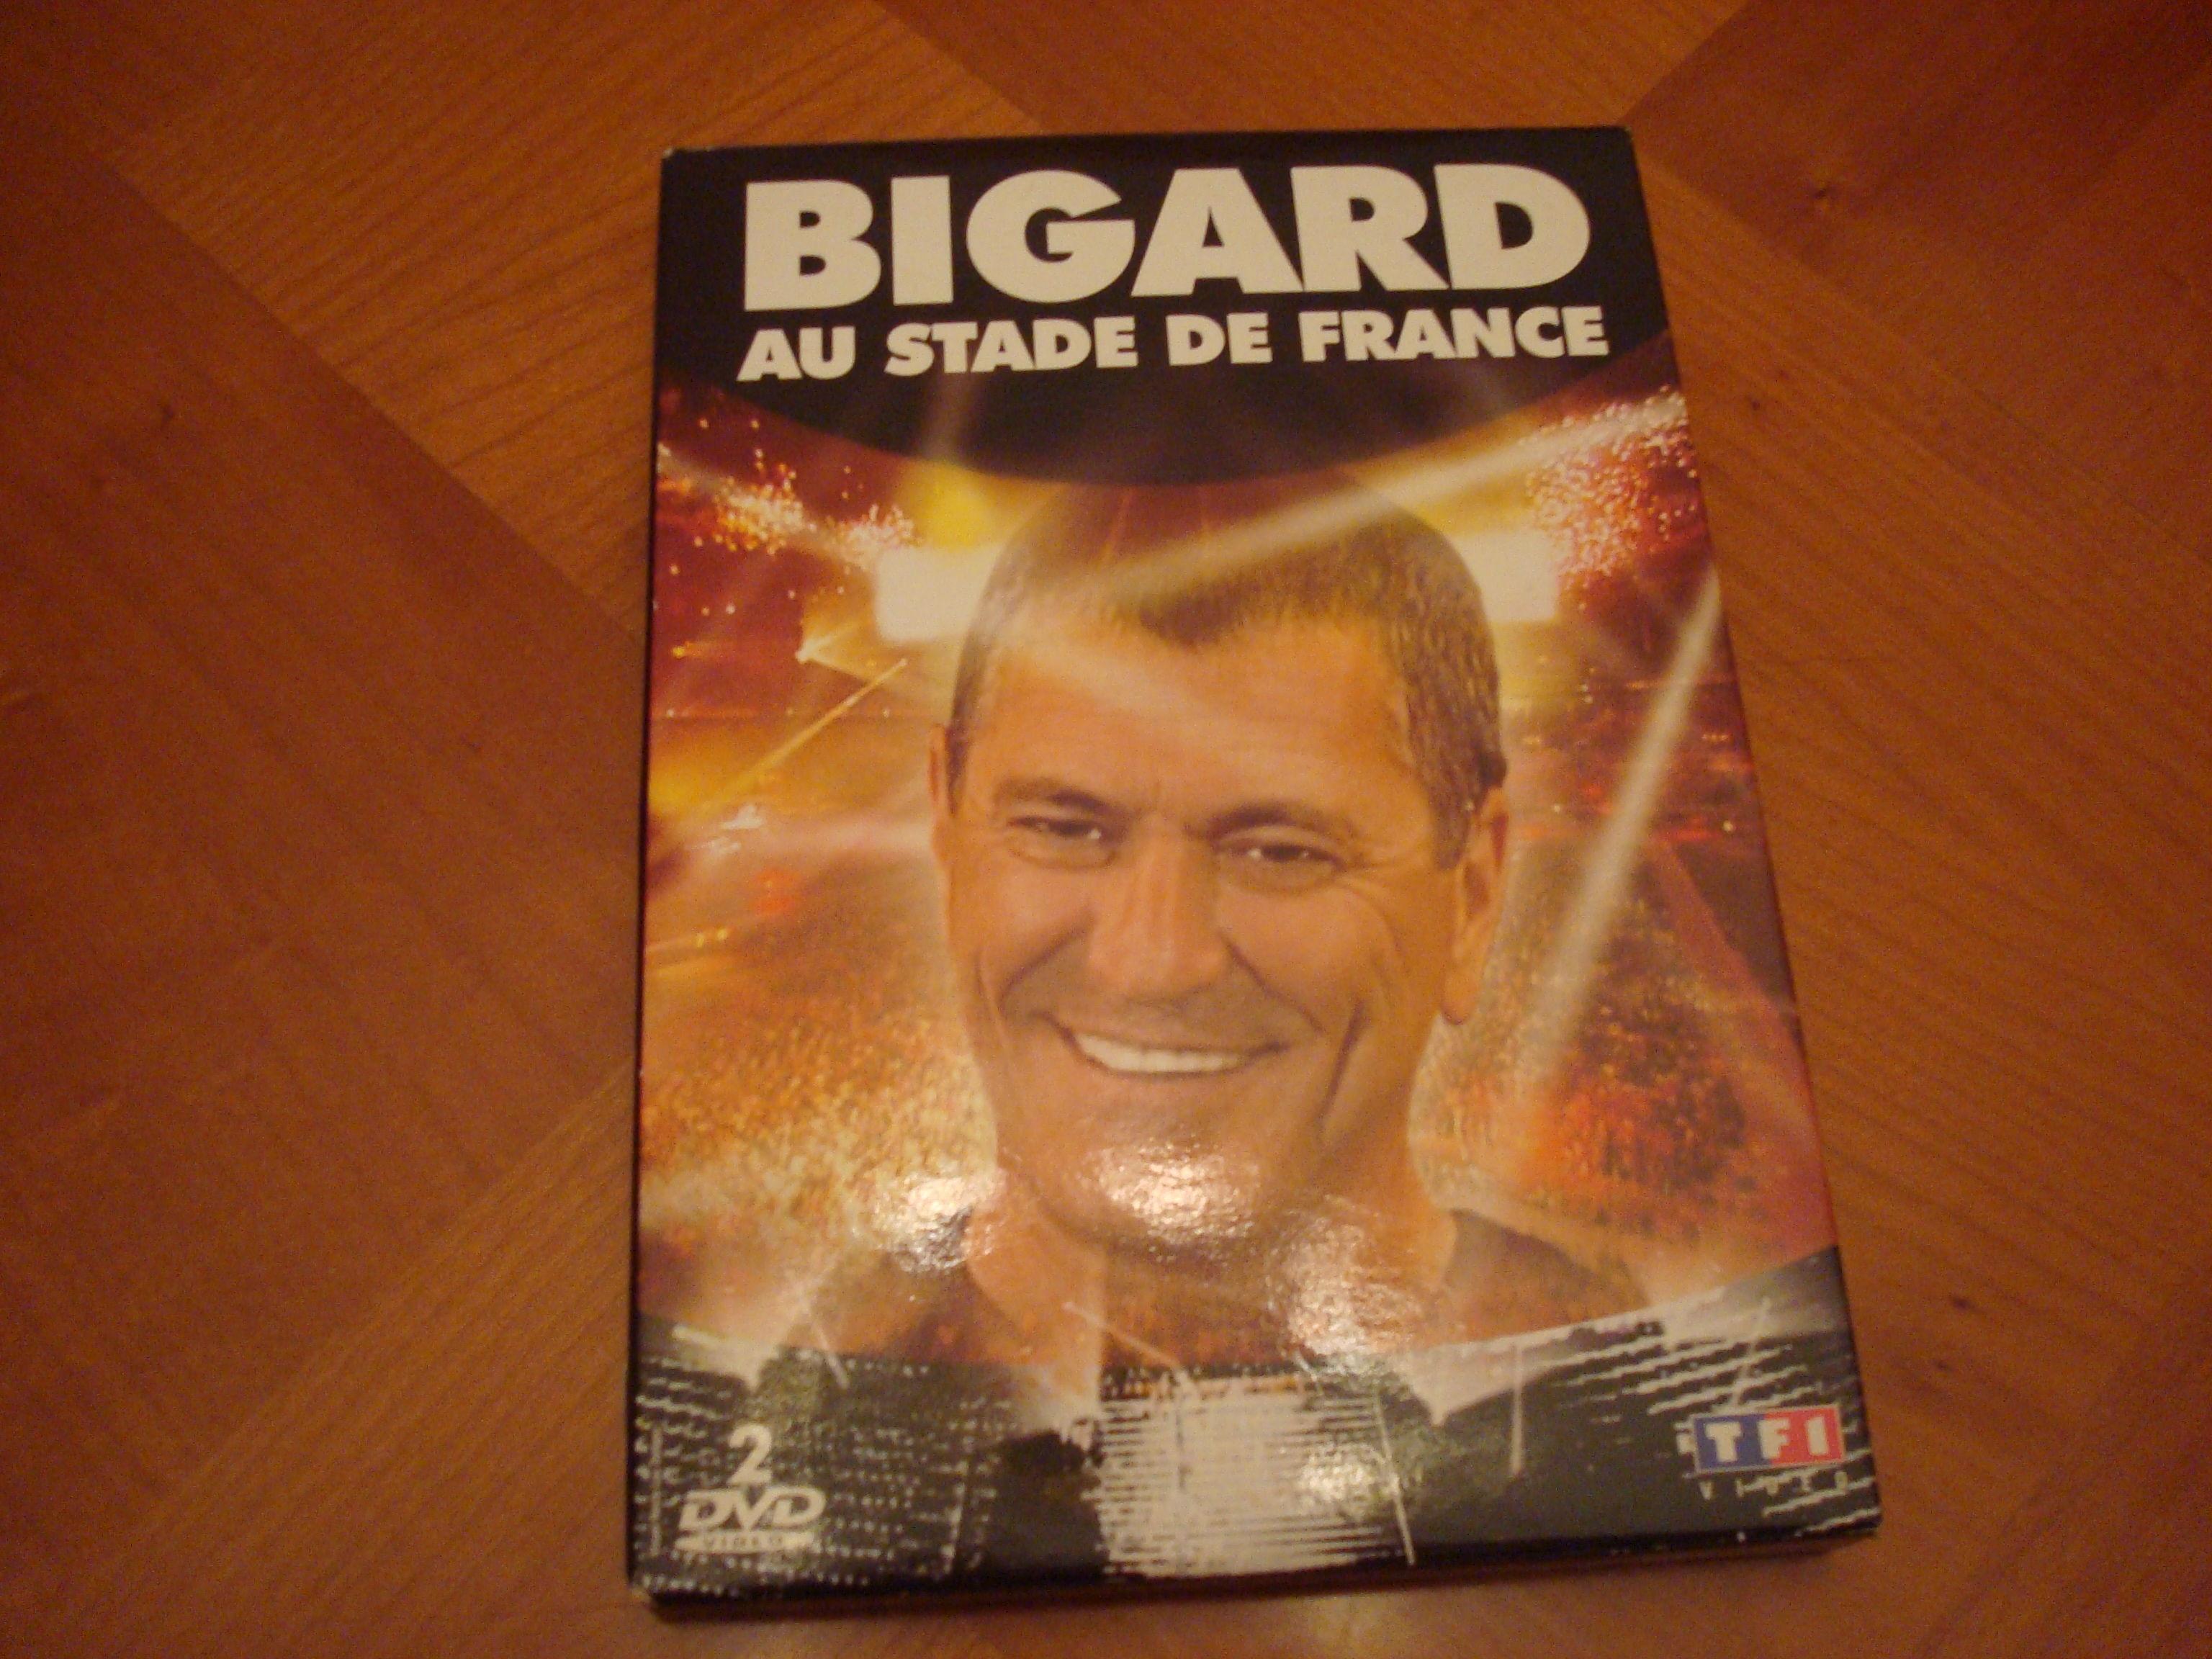 Bigard au Stade de France 8 Ars-sur-Moselle (57)